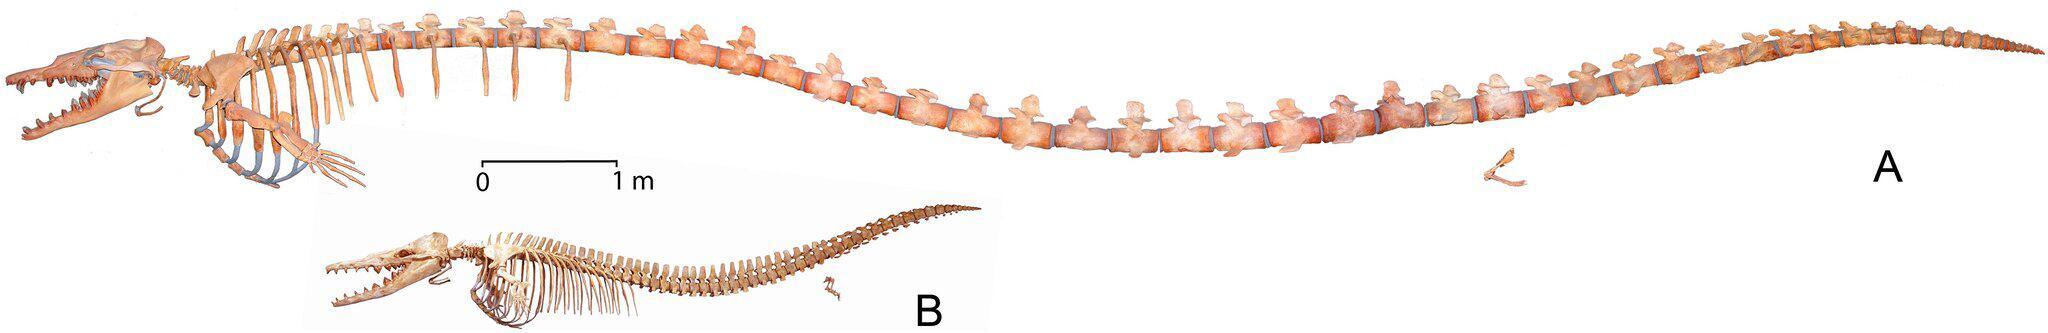 Bild zu Basilosaurus isis und Dorudon atrox